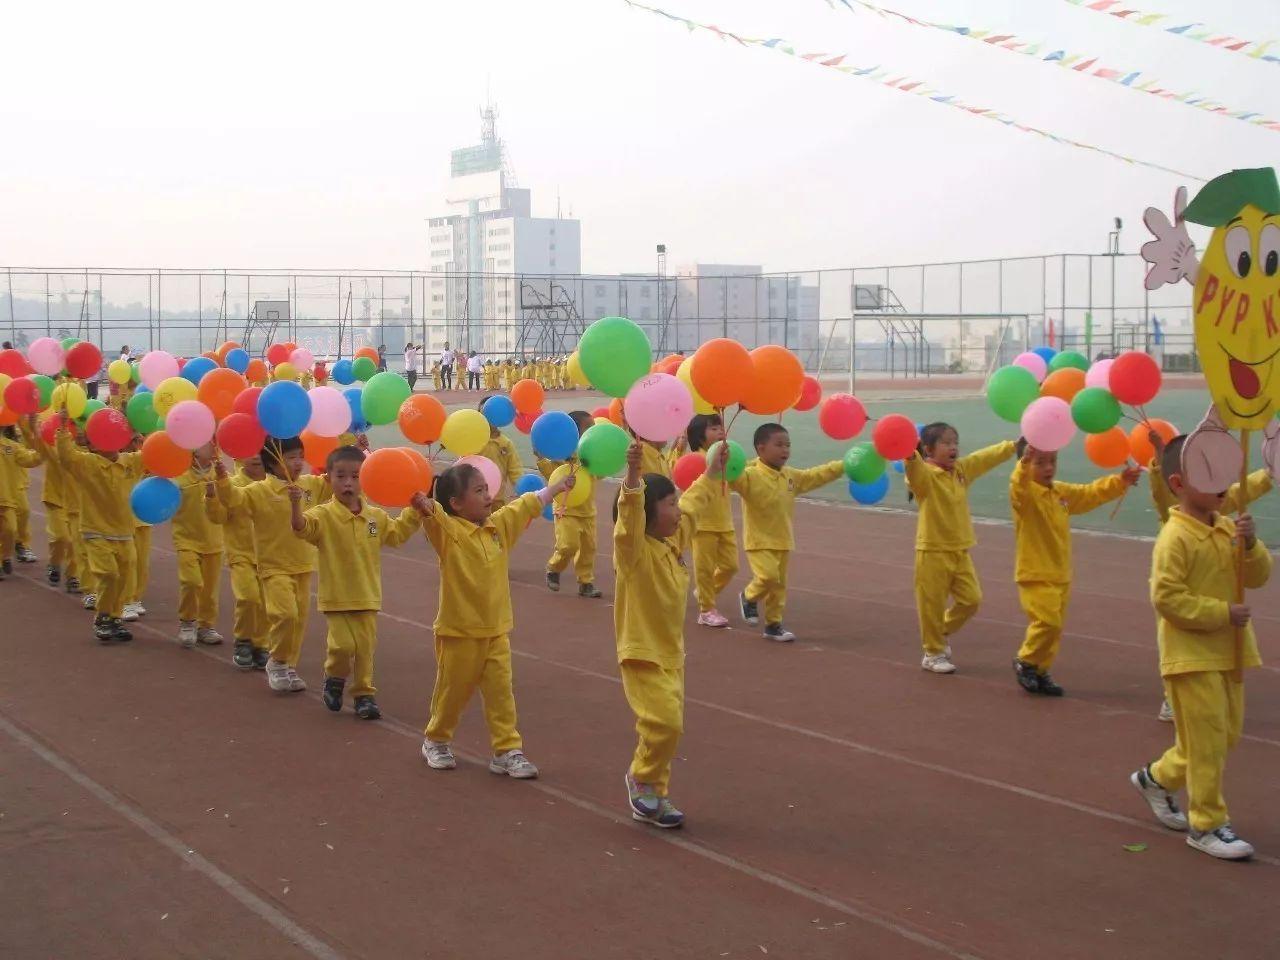 微分享|幼儿园秋季运动会活动方案